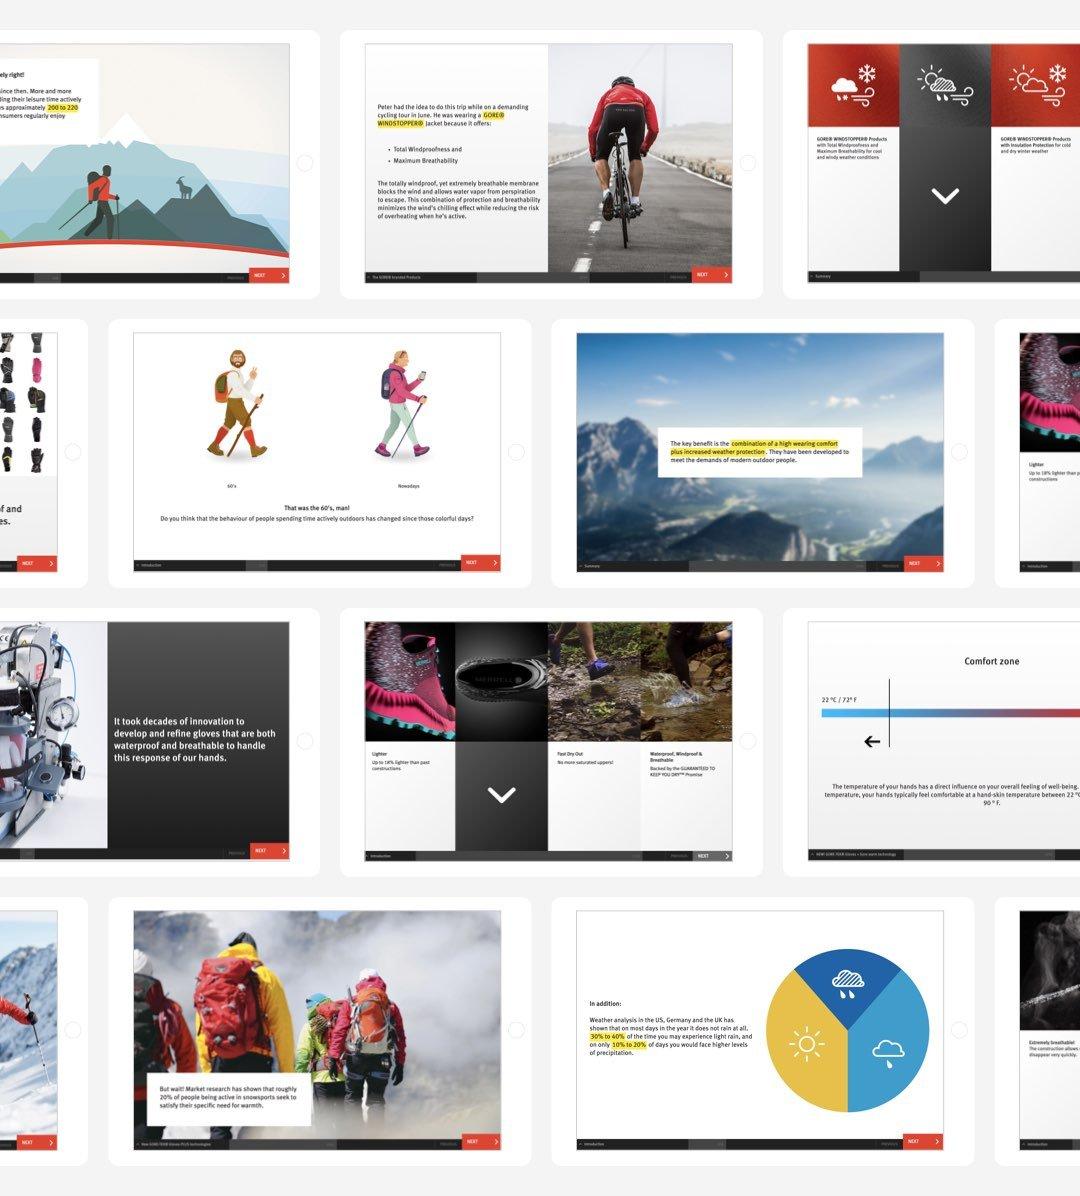 Beispiel Slides